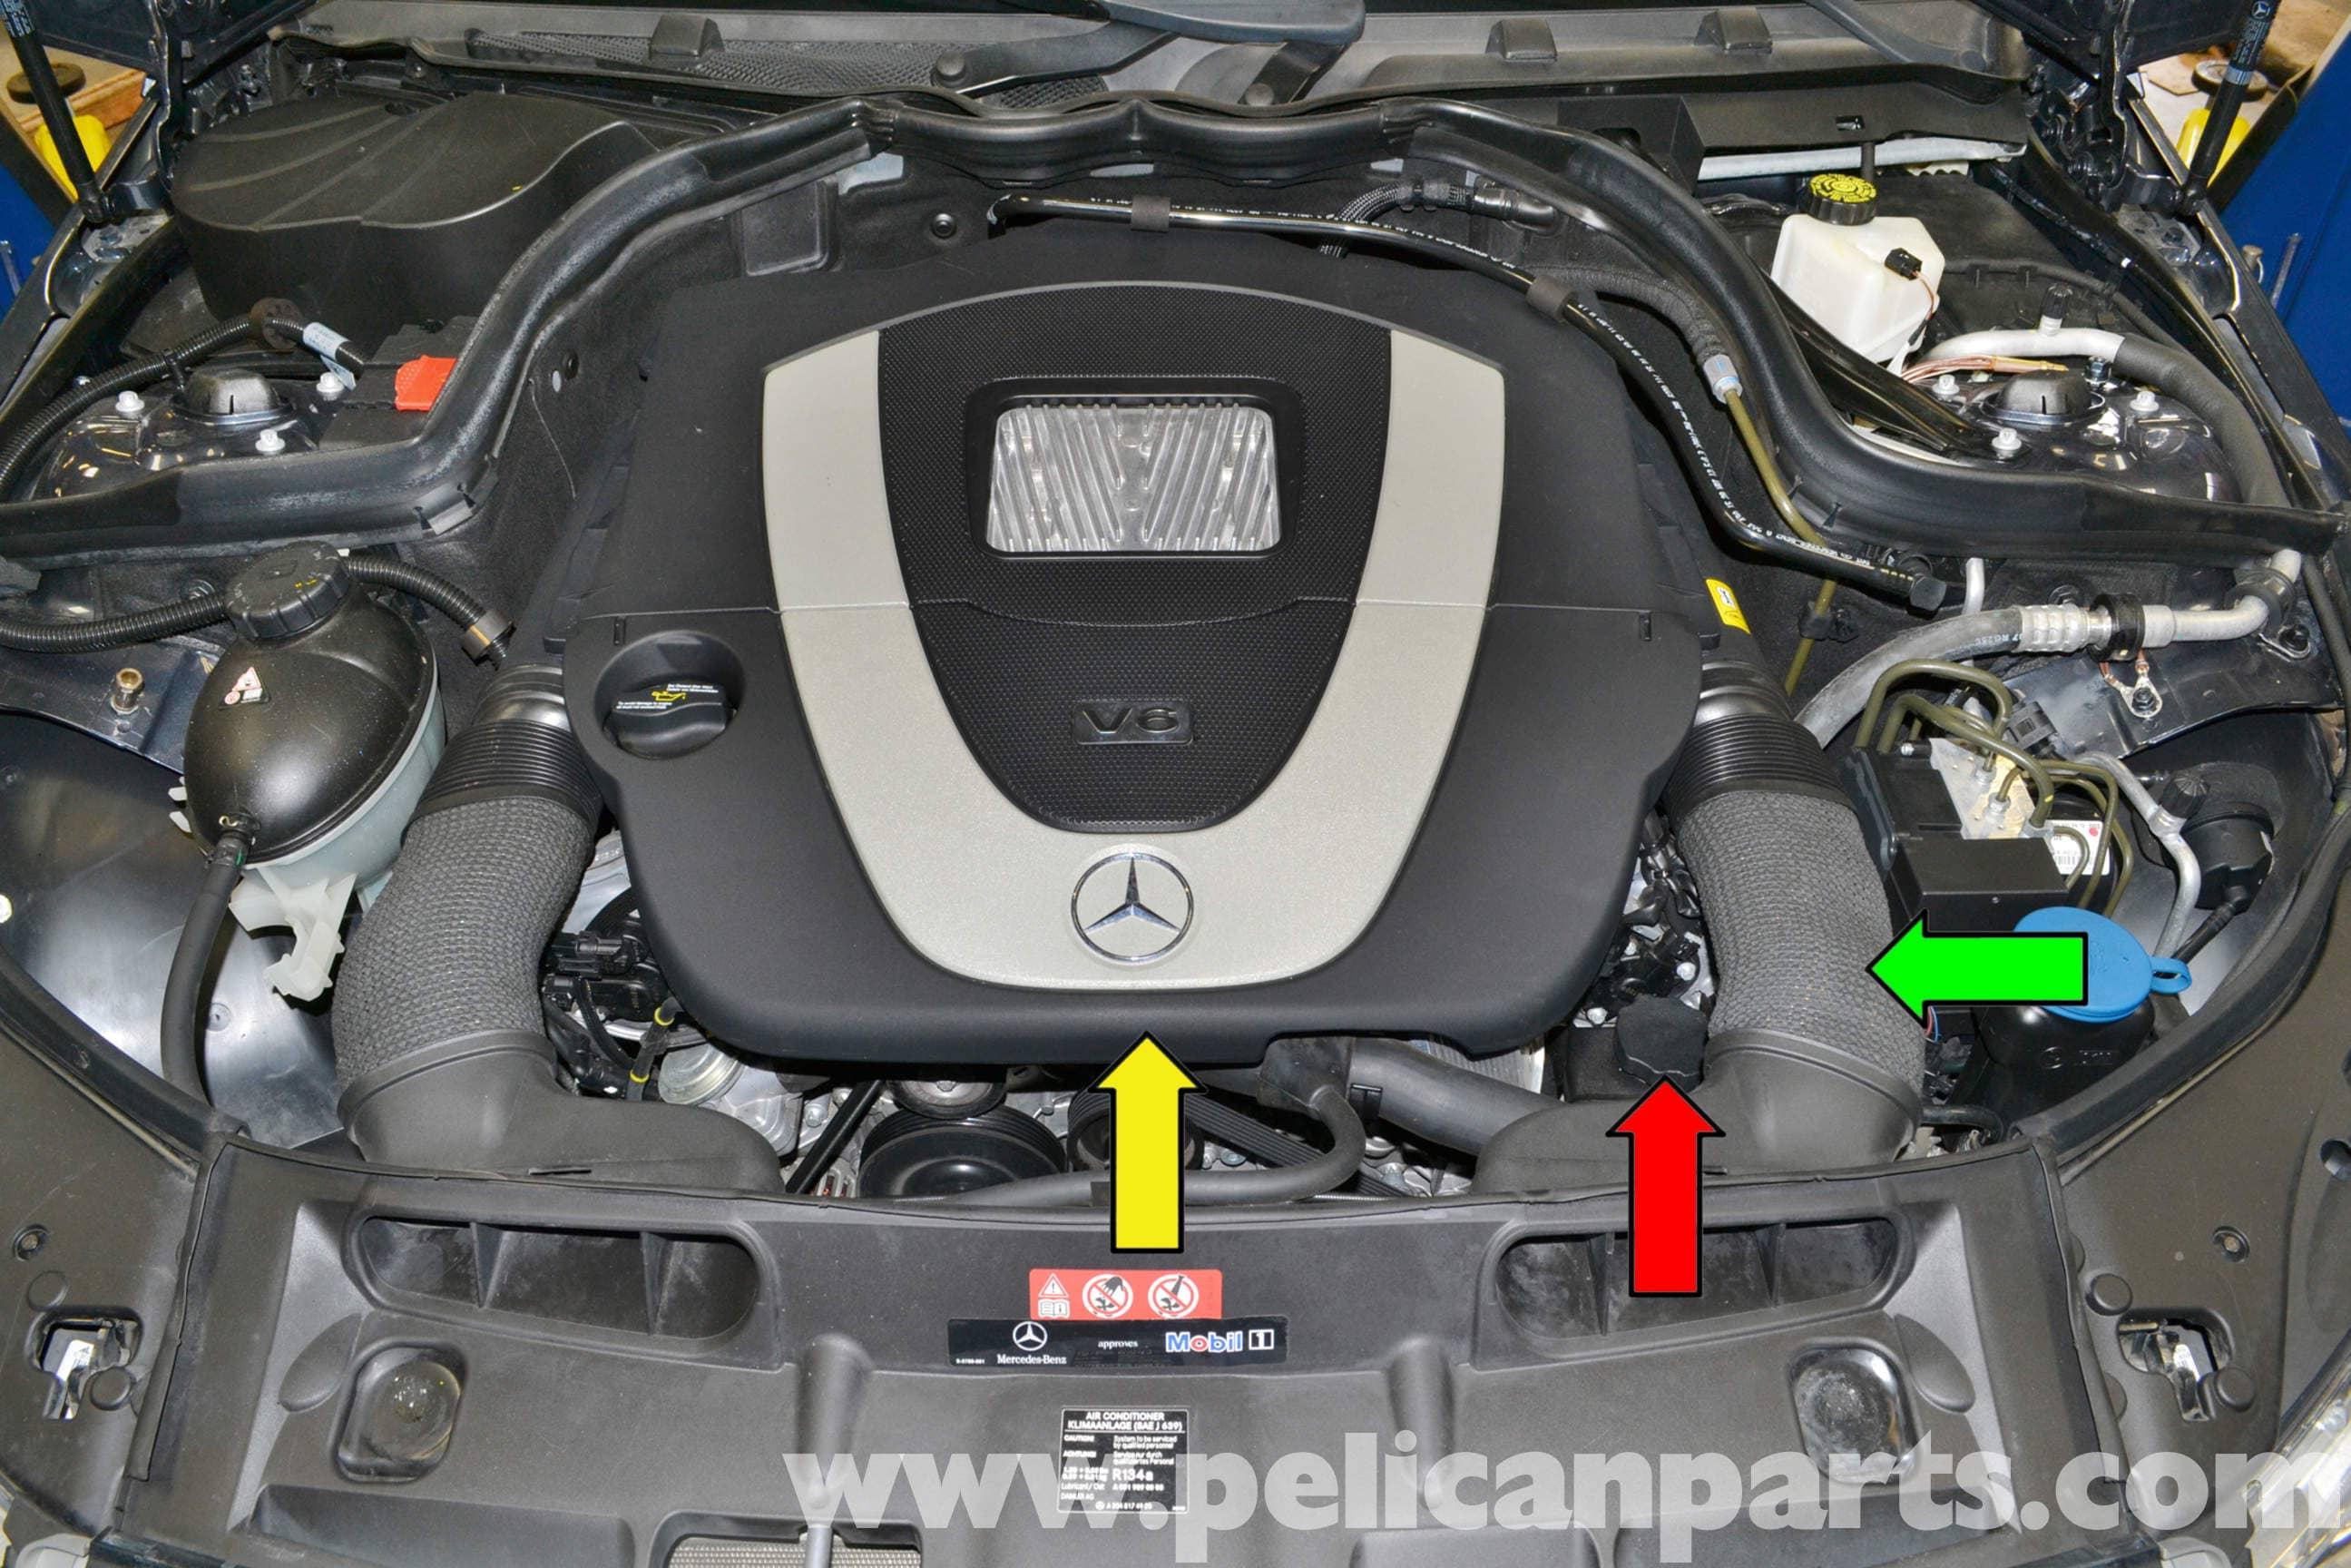 Mercedes Benz W204 Power Steering Flush 2008 2014 C250 C300